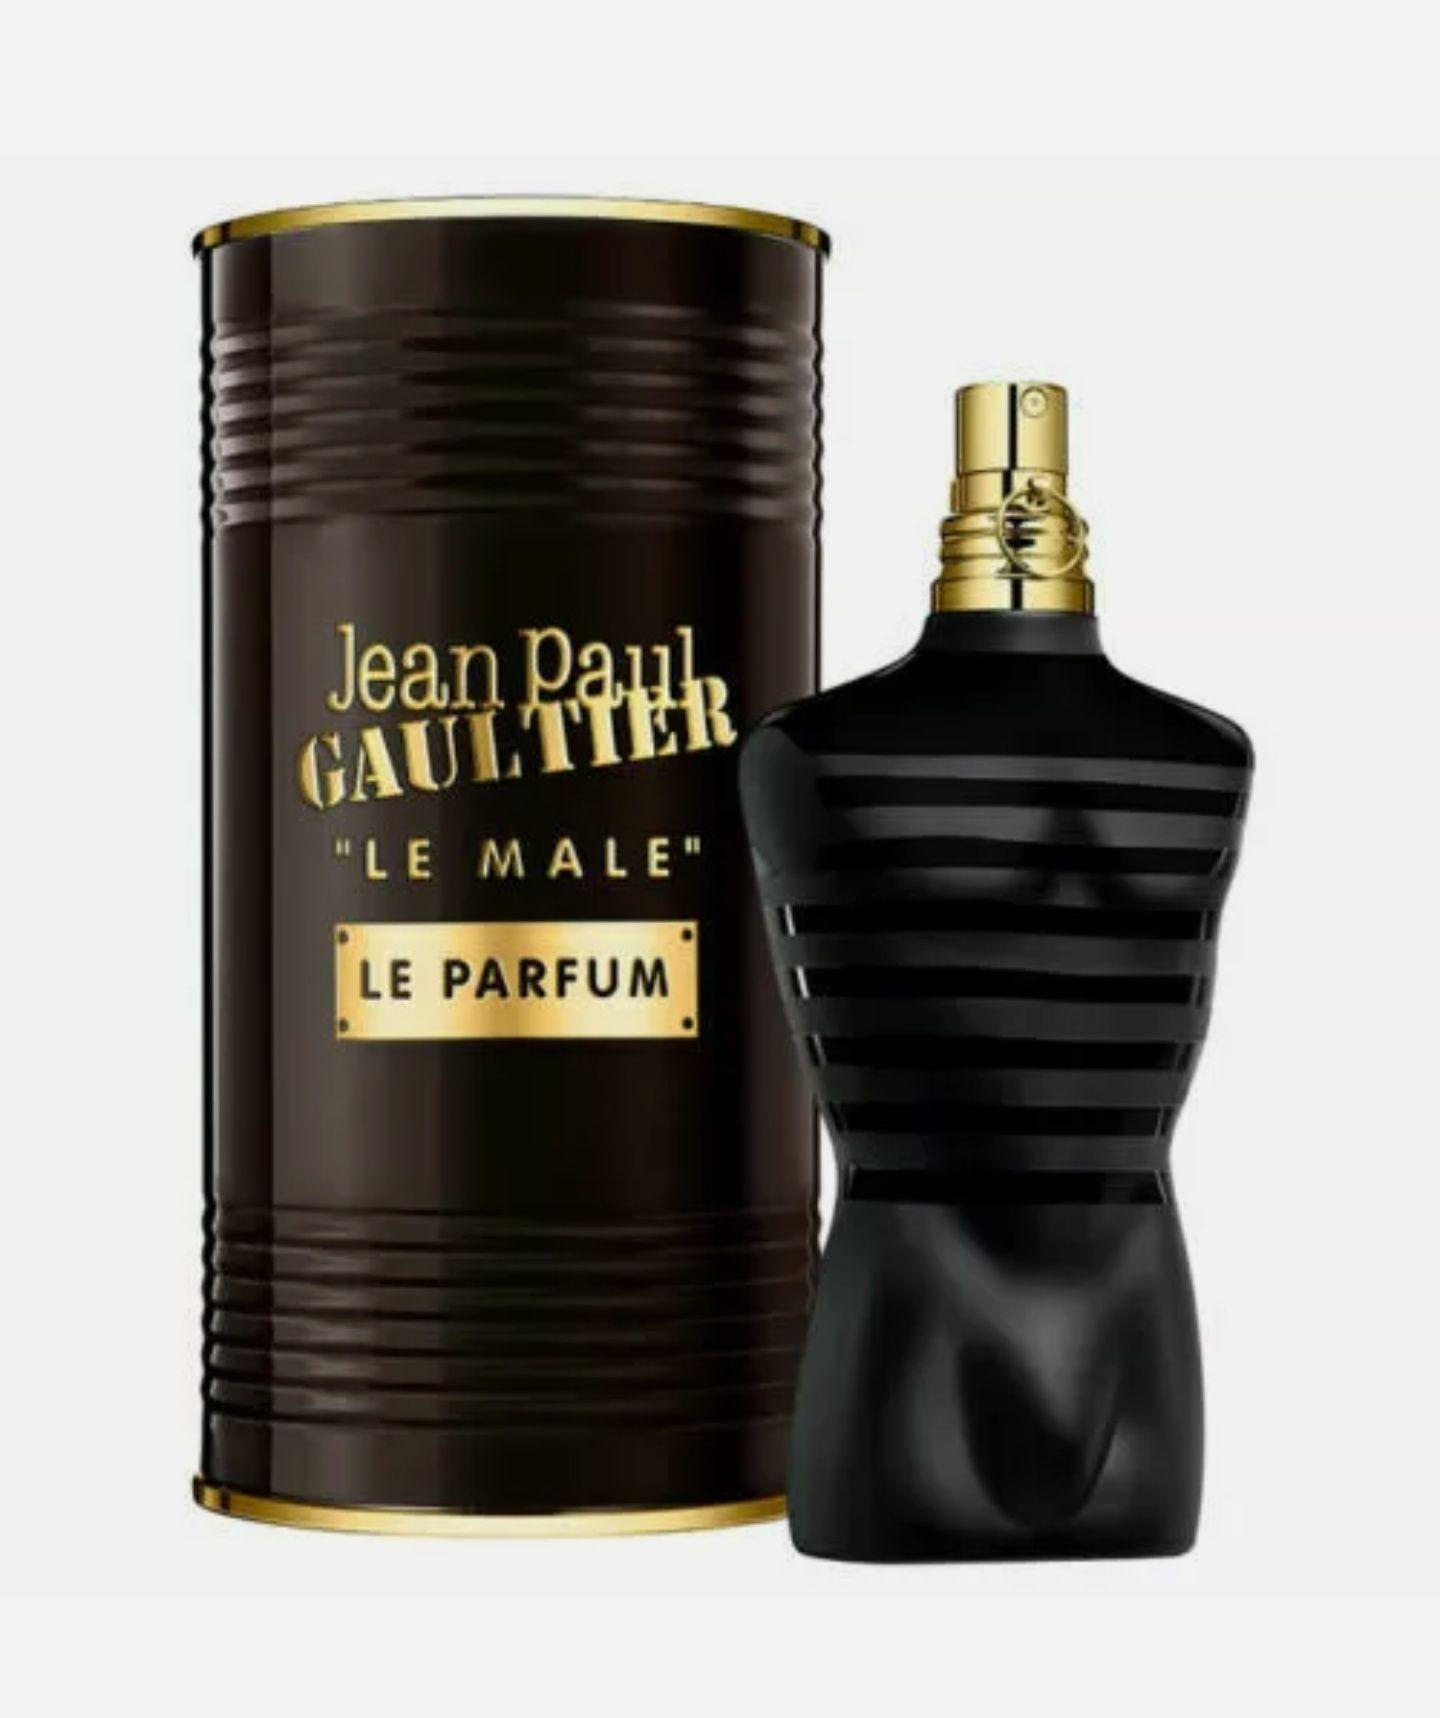 JEAN PAUL GAULTIER LE MALE LE PARFUM 125ML EAU DE PARFUM INTENSE - £55.16 C&C @ theperfumestop eBay